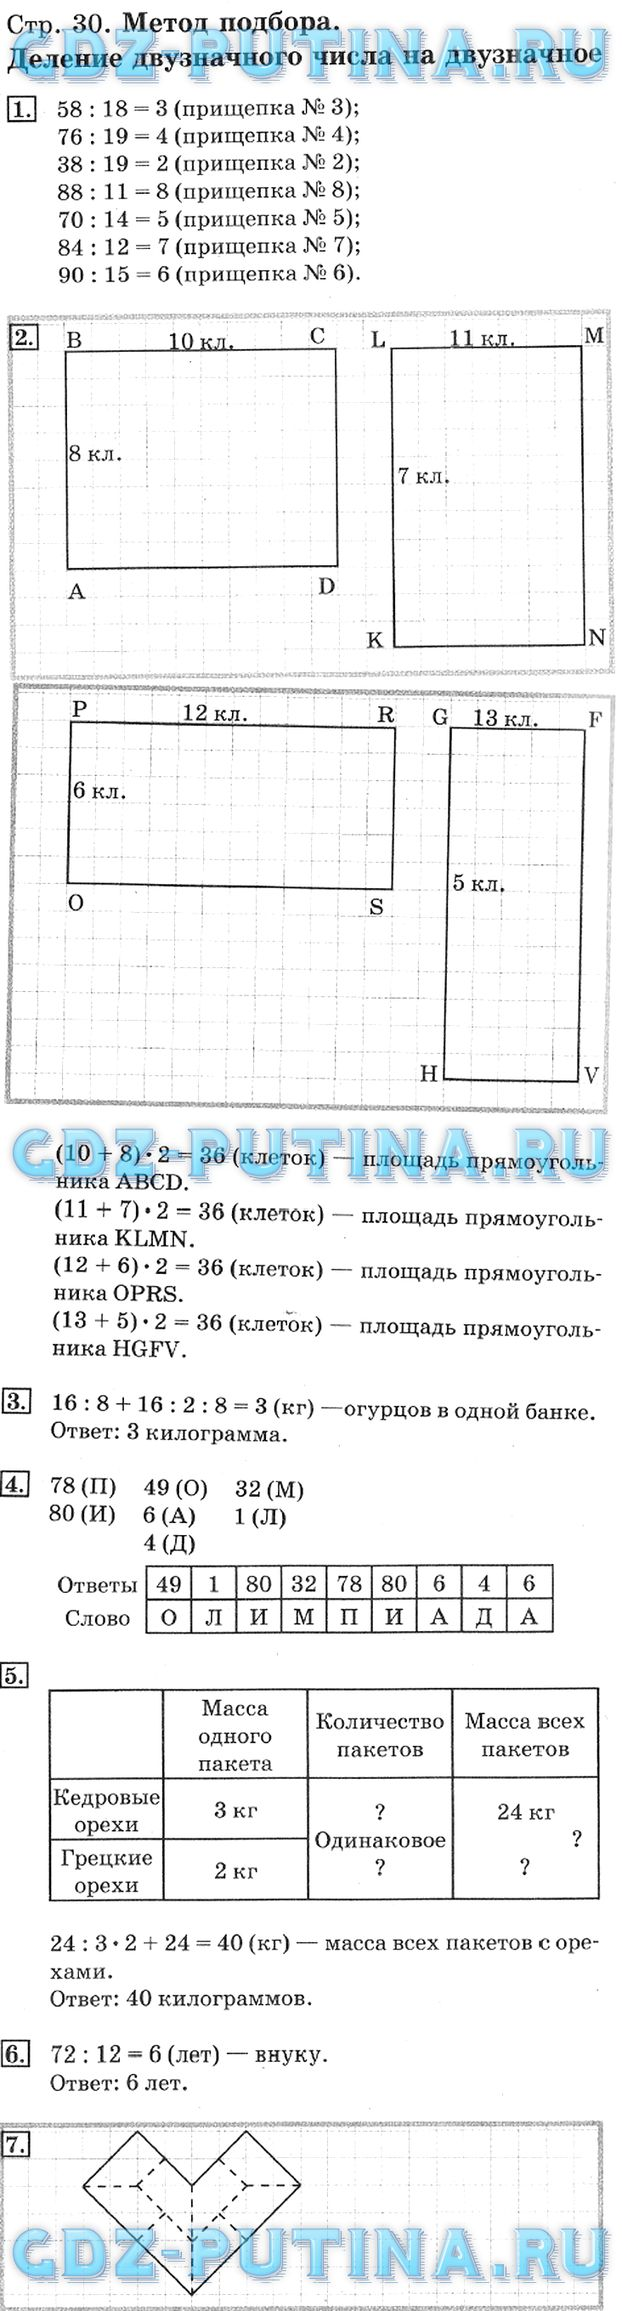 Гдз по математики 2 класс ривкинд ответы